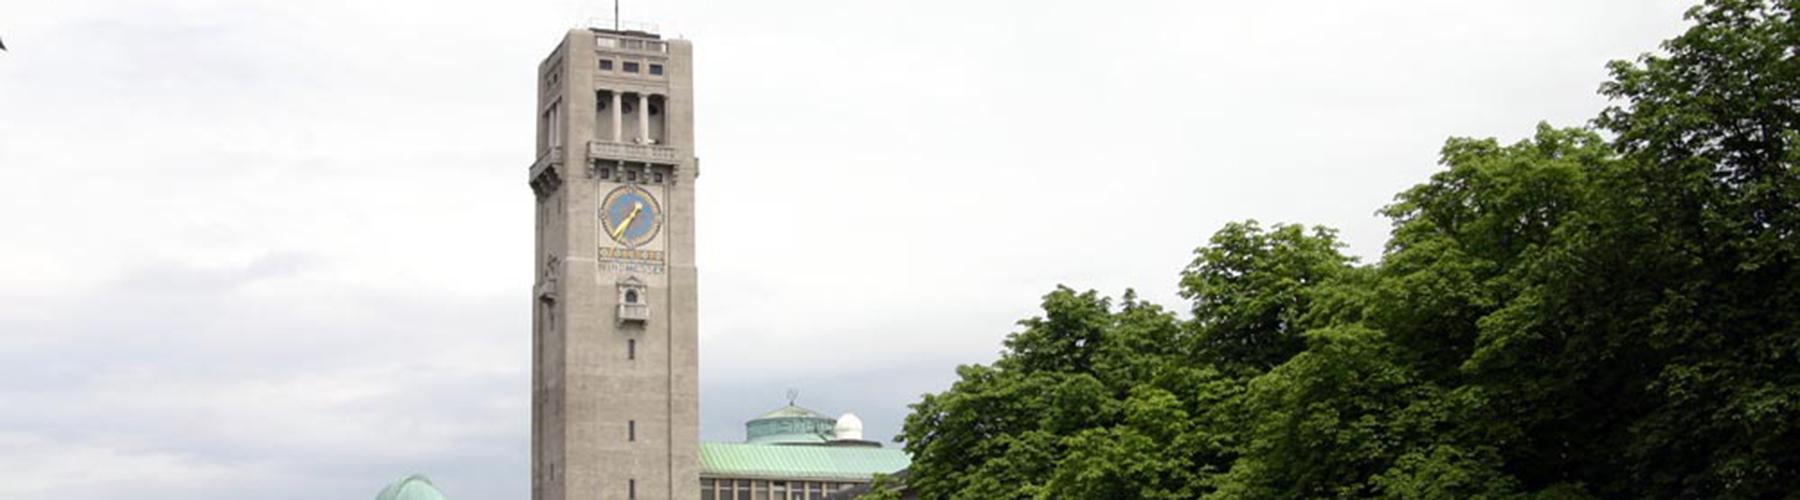 뮌헨 - 국립독일박물관와 가까운 호스텔. 뮌헨의 지도, 뮌헨에 위치한 호스텔 사진 및 후기 정보.